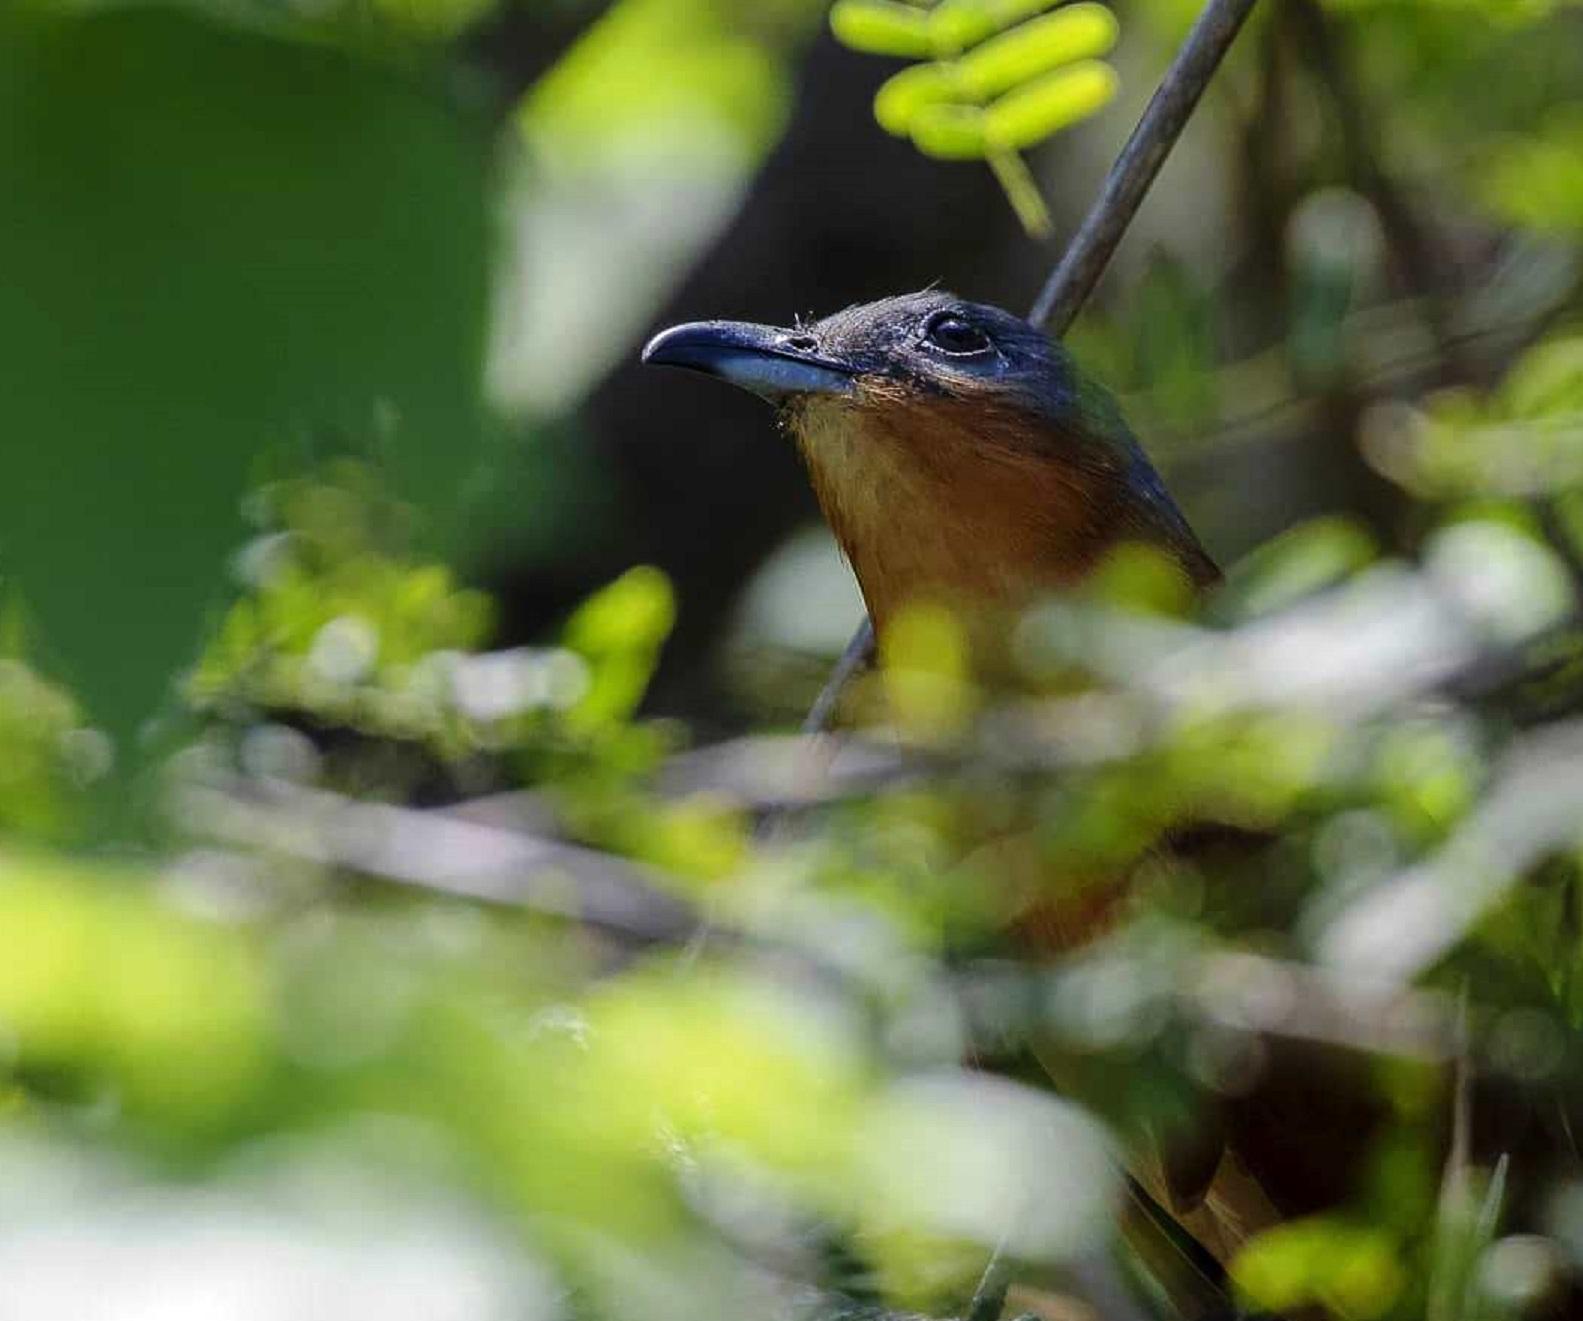 Al ave avistada en Sarigua se le conoce comúnmente como